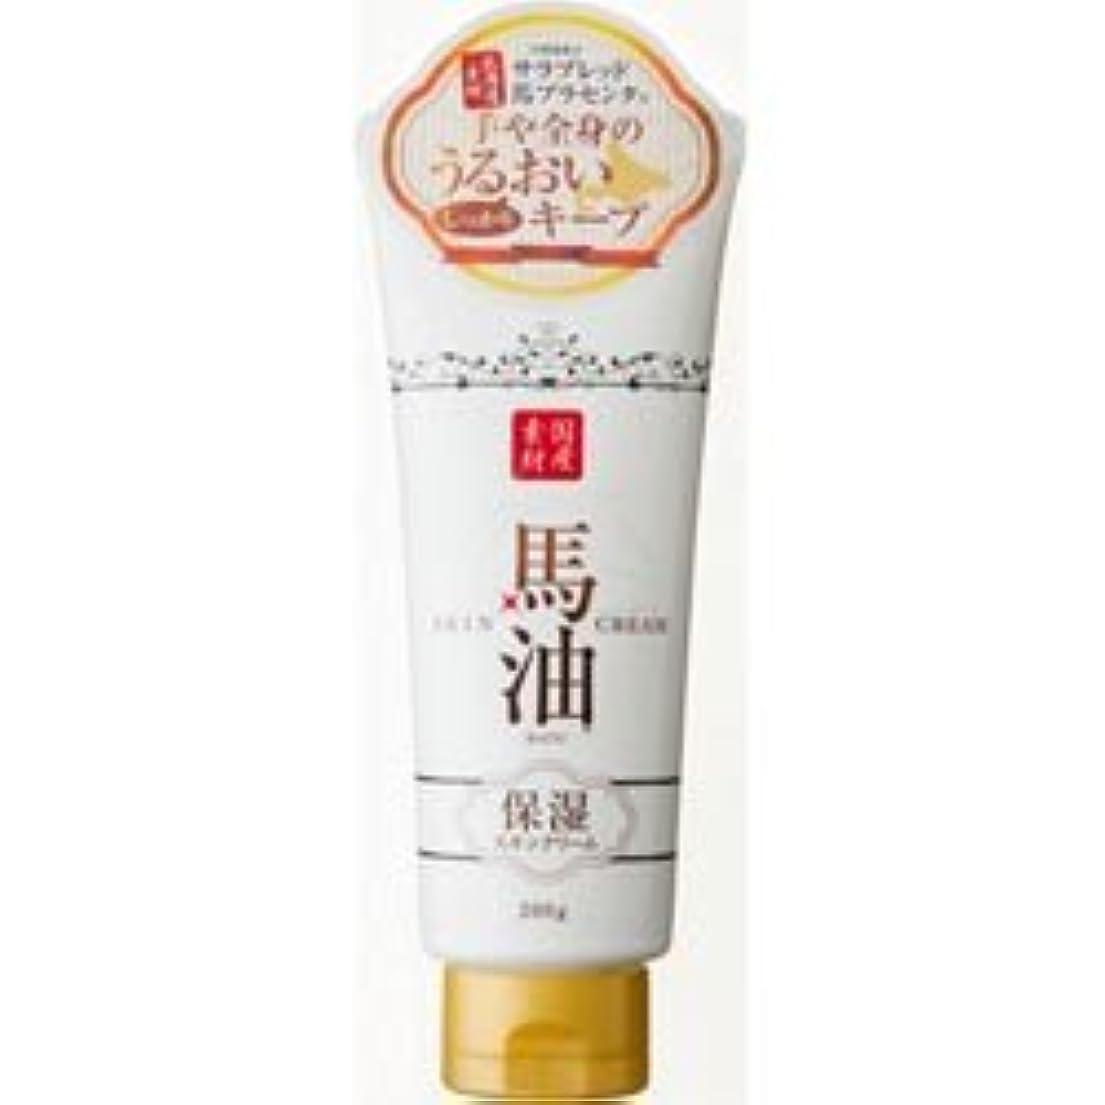 プランターリスト毎月【アイスタイル】リシャン 馬油保湿スキンクリーム さくらの香り 200g ×10個セット